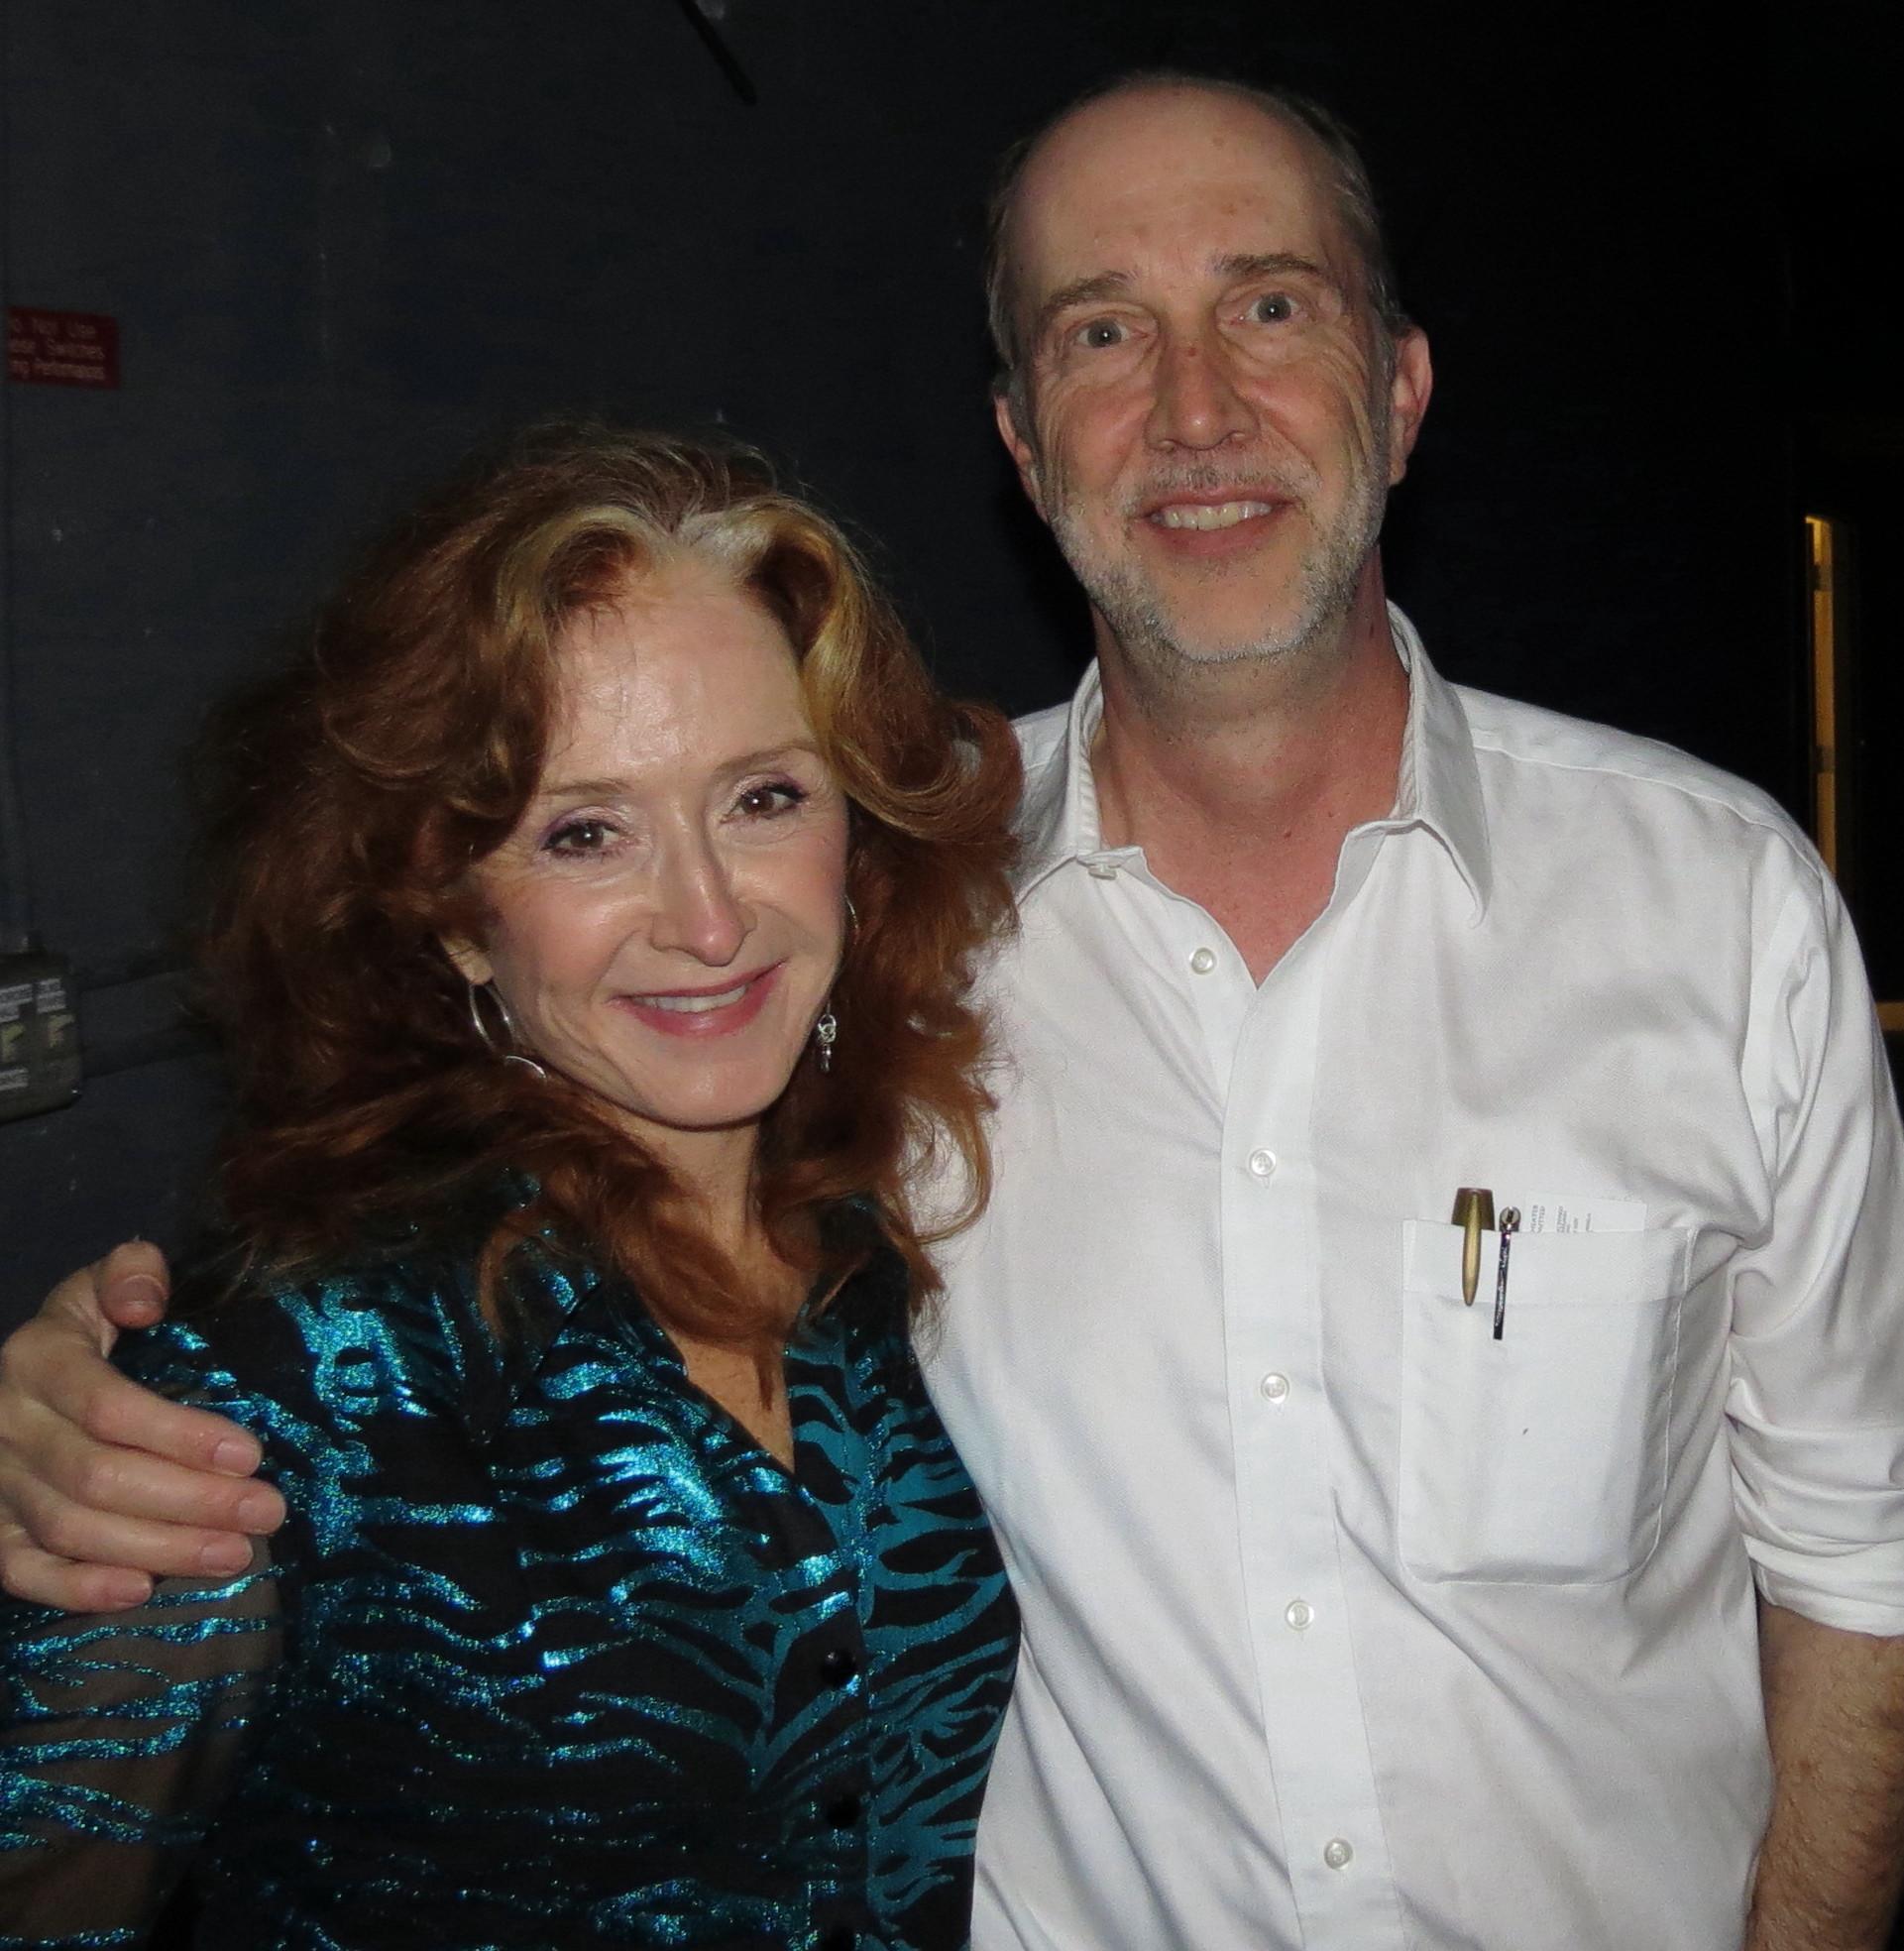 Caption: Bonnie Raitt with show host Paul Ingles